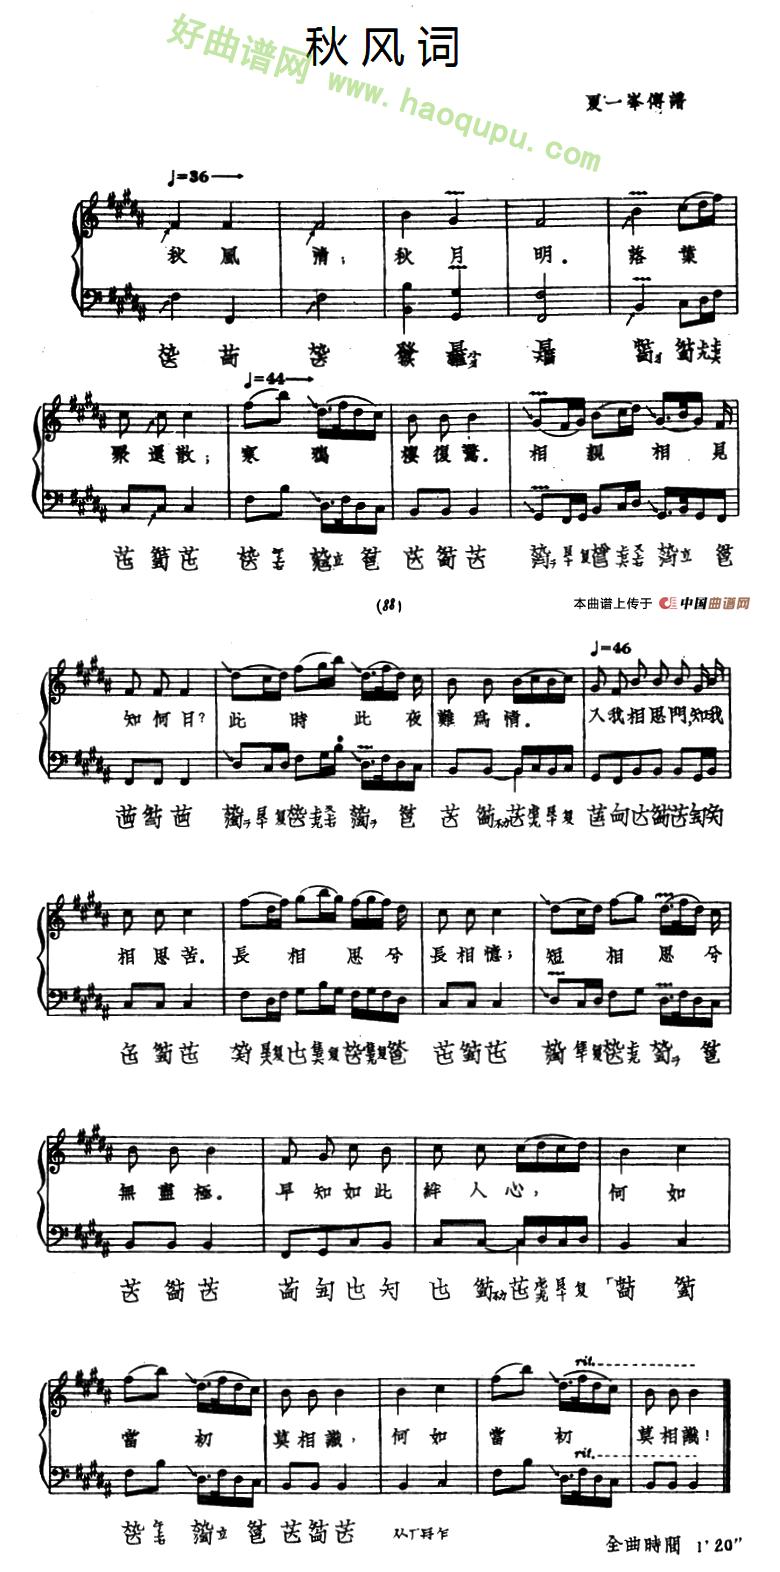 九儿古筝谱双手版